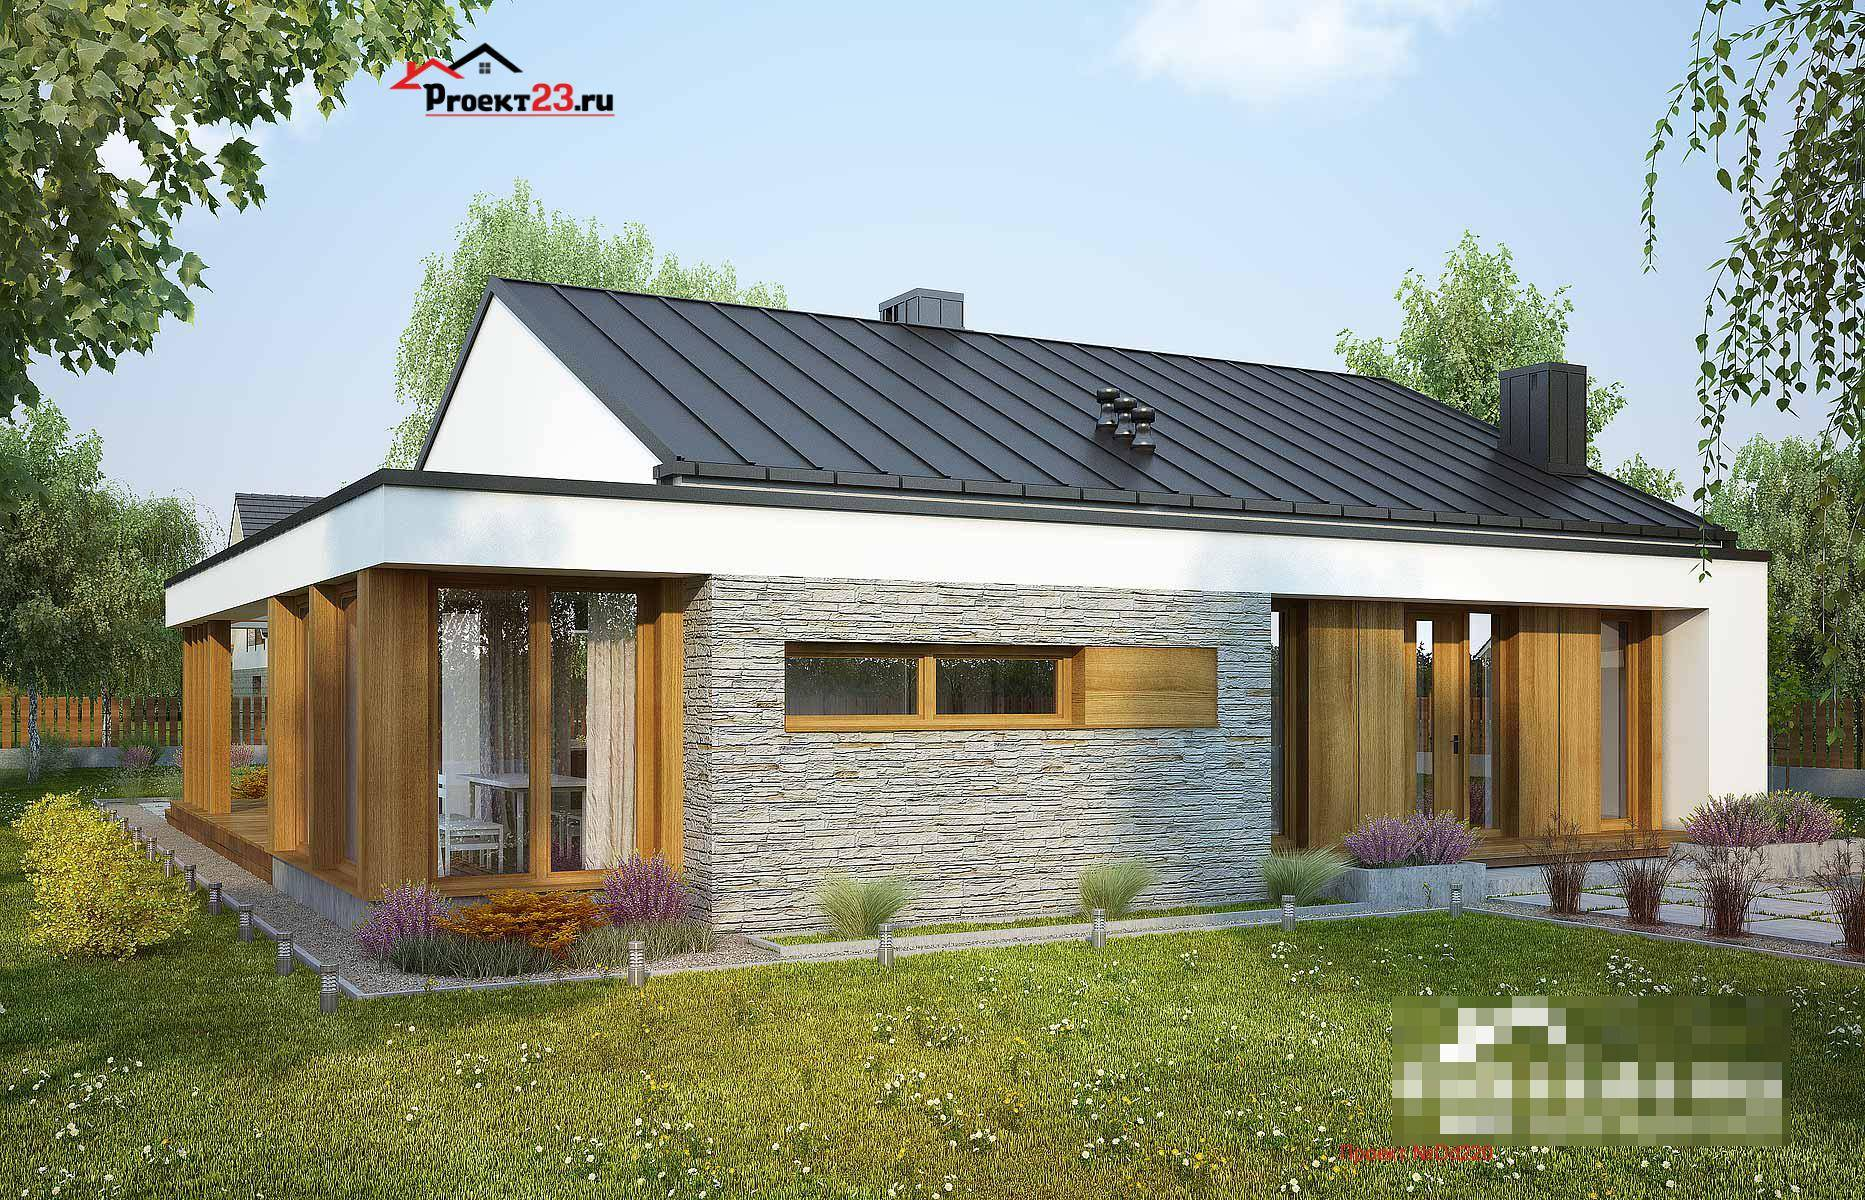 Проекты каркасных домов до 100 кв. м: типы домов, этапы строительства, материалы, производители, акции